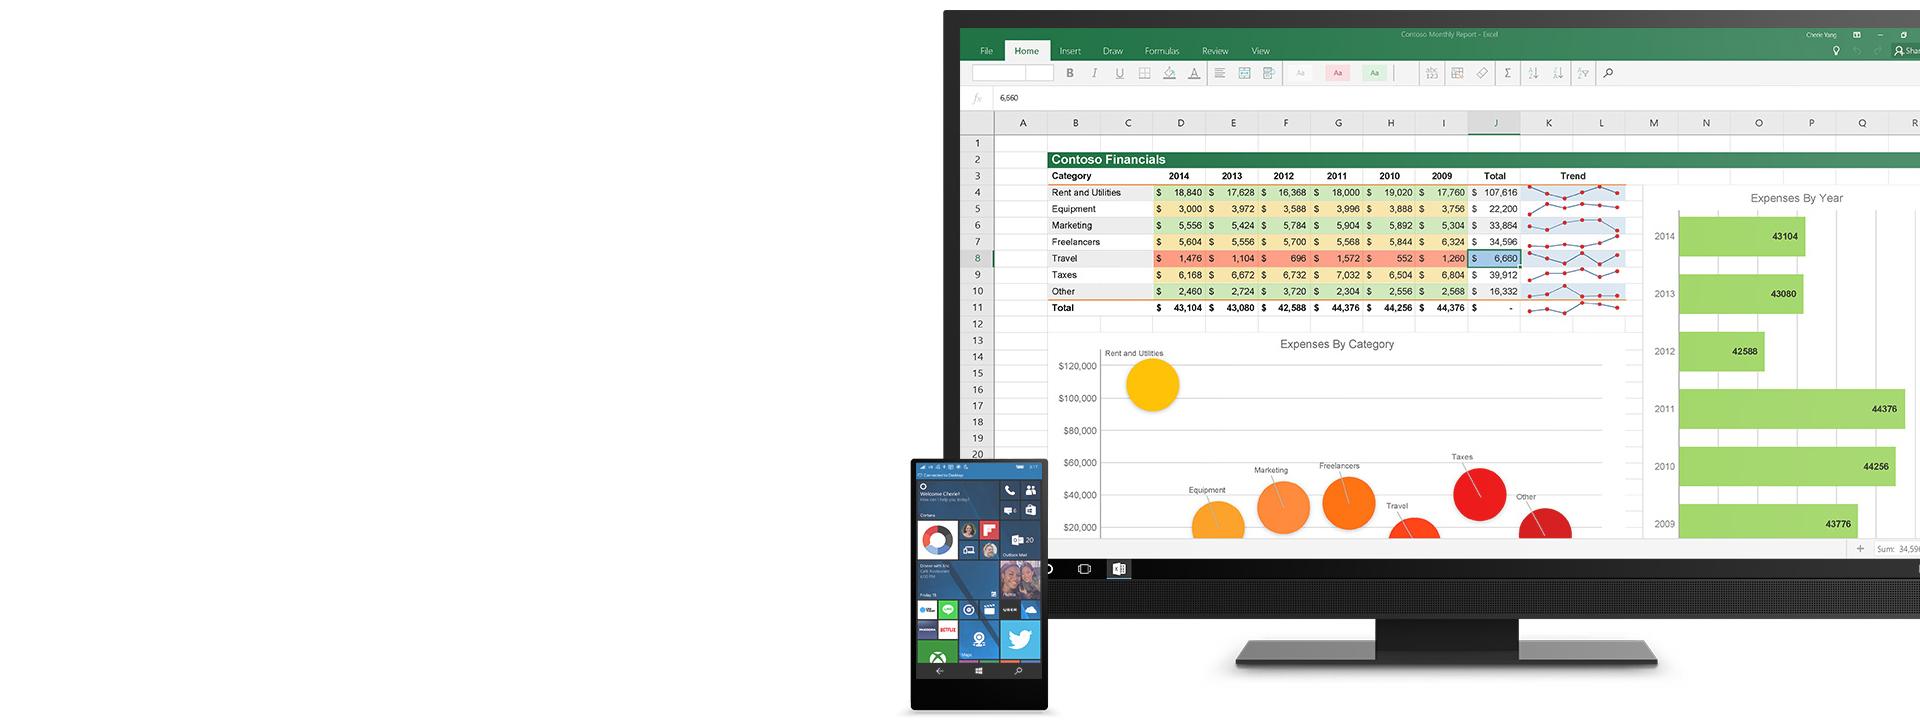 """: Υπολογιστής και τηλέφωνο με Windows 10 στο μενού """"Έναρξη"""" που ενεργοποιεί το Continuum"""